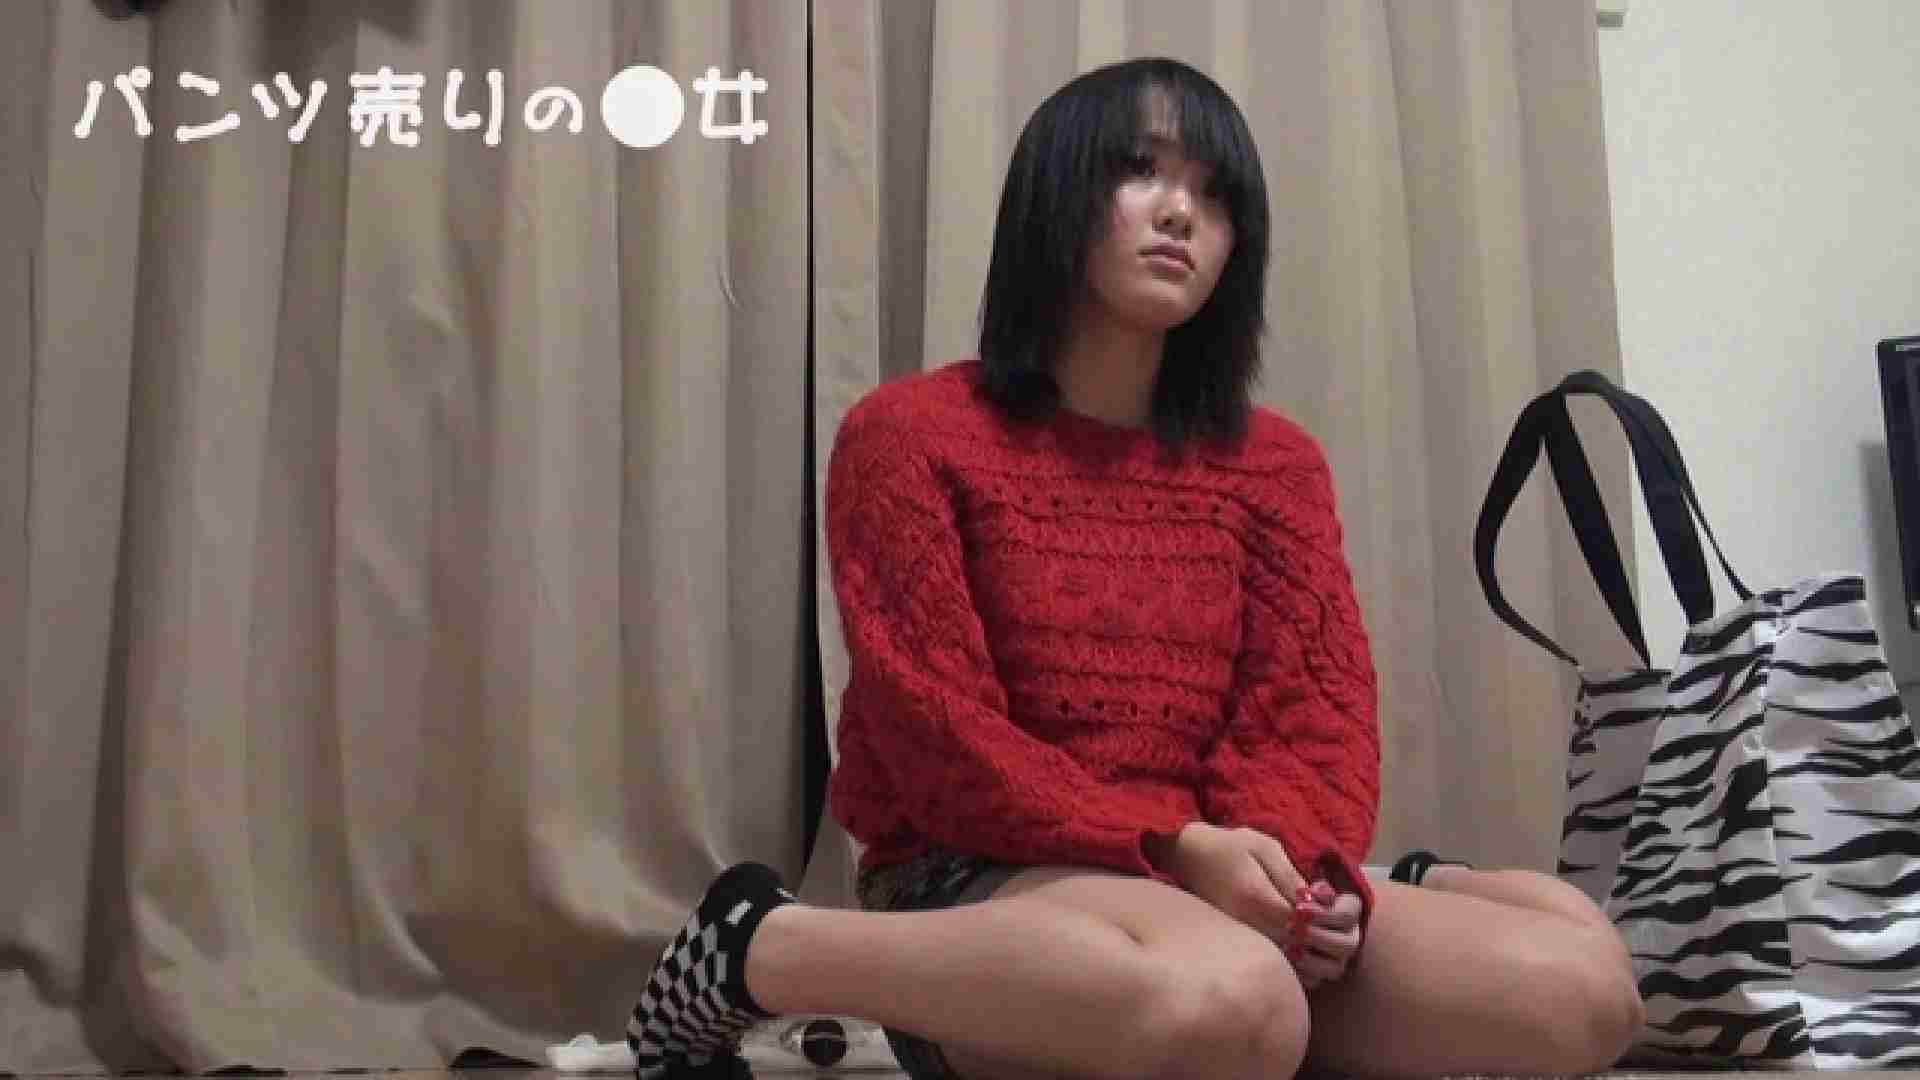 新説 パンツ売りの女の子mizuki 一般投稿  83pic 8